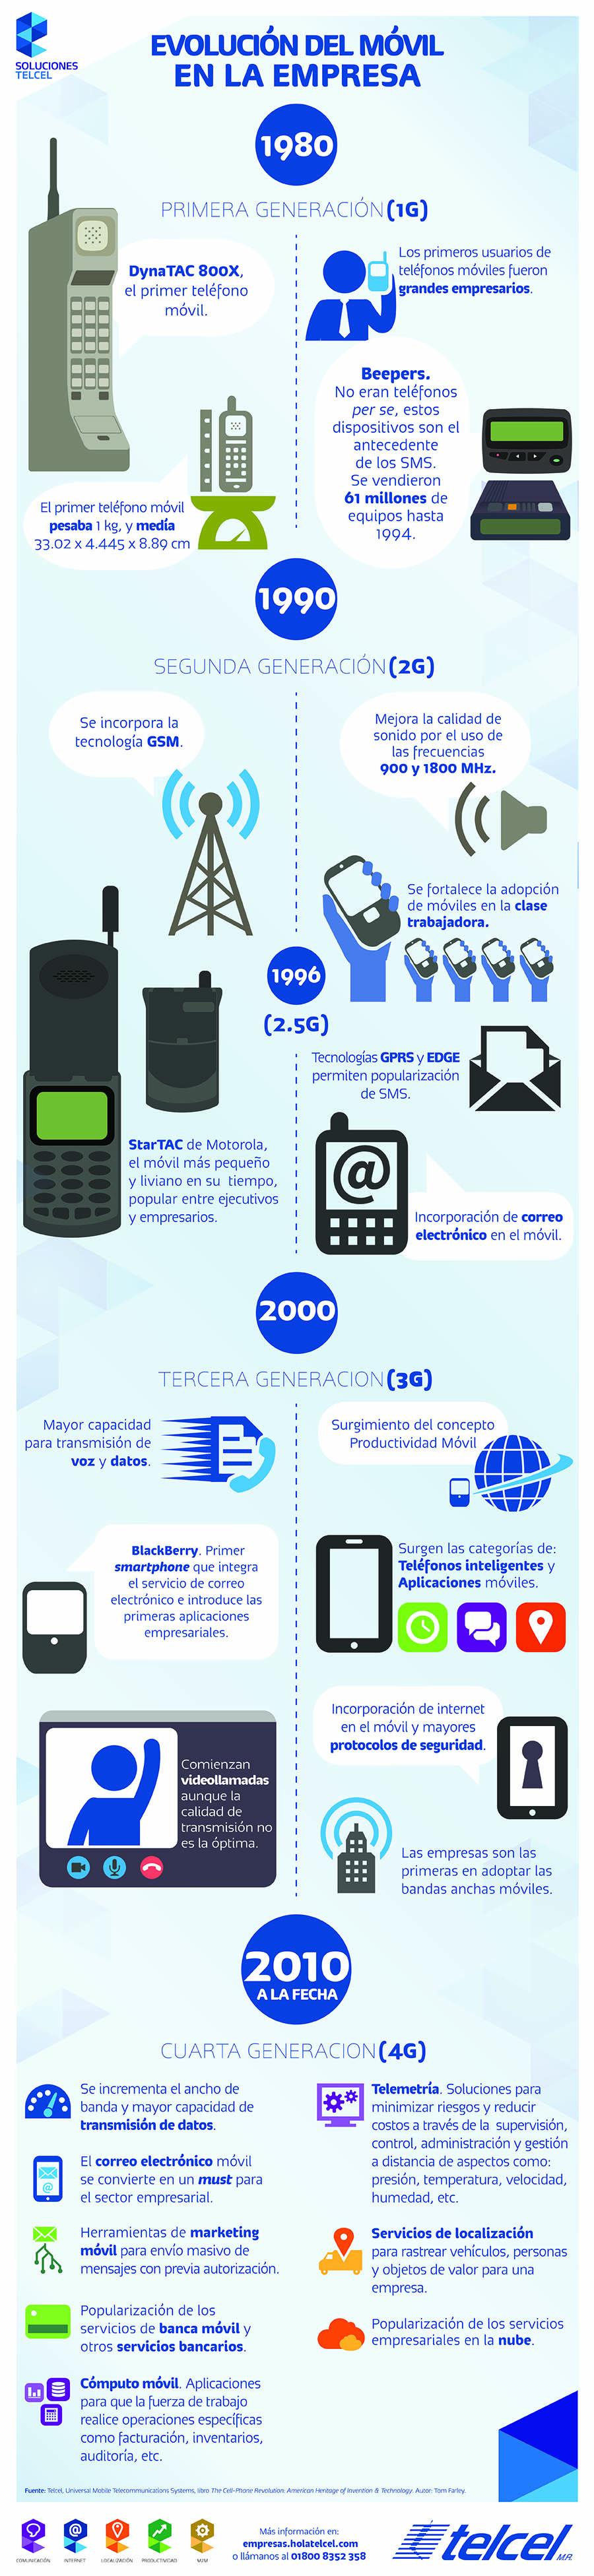 [TL] Infografia 01